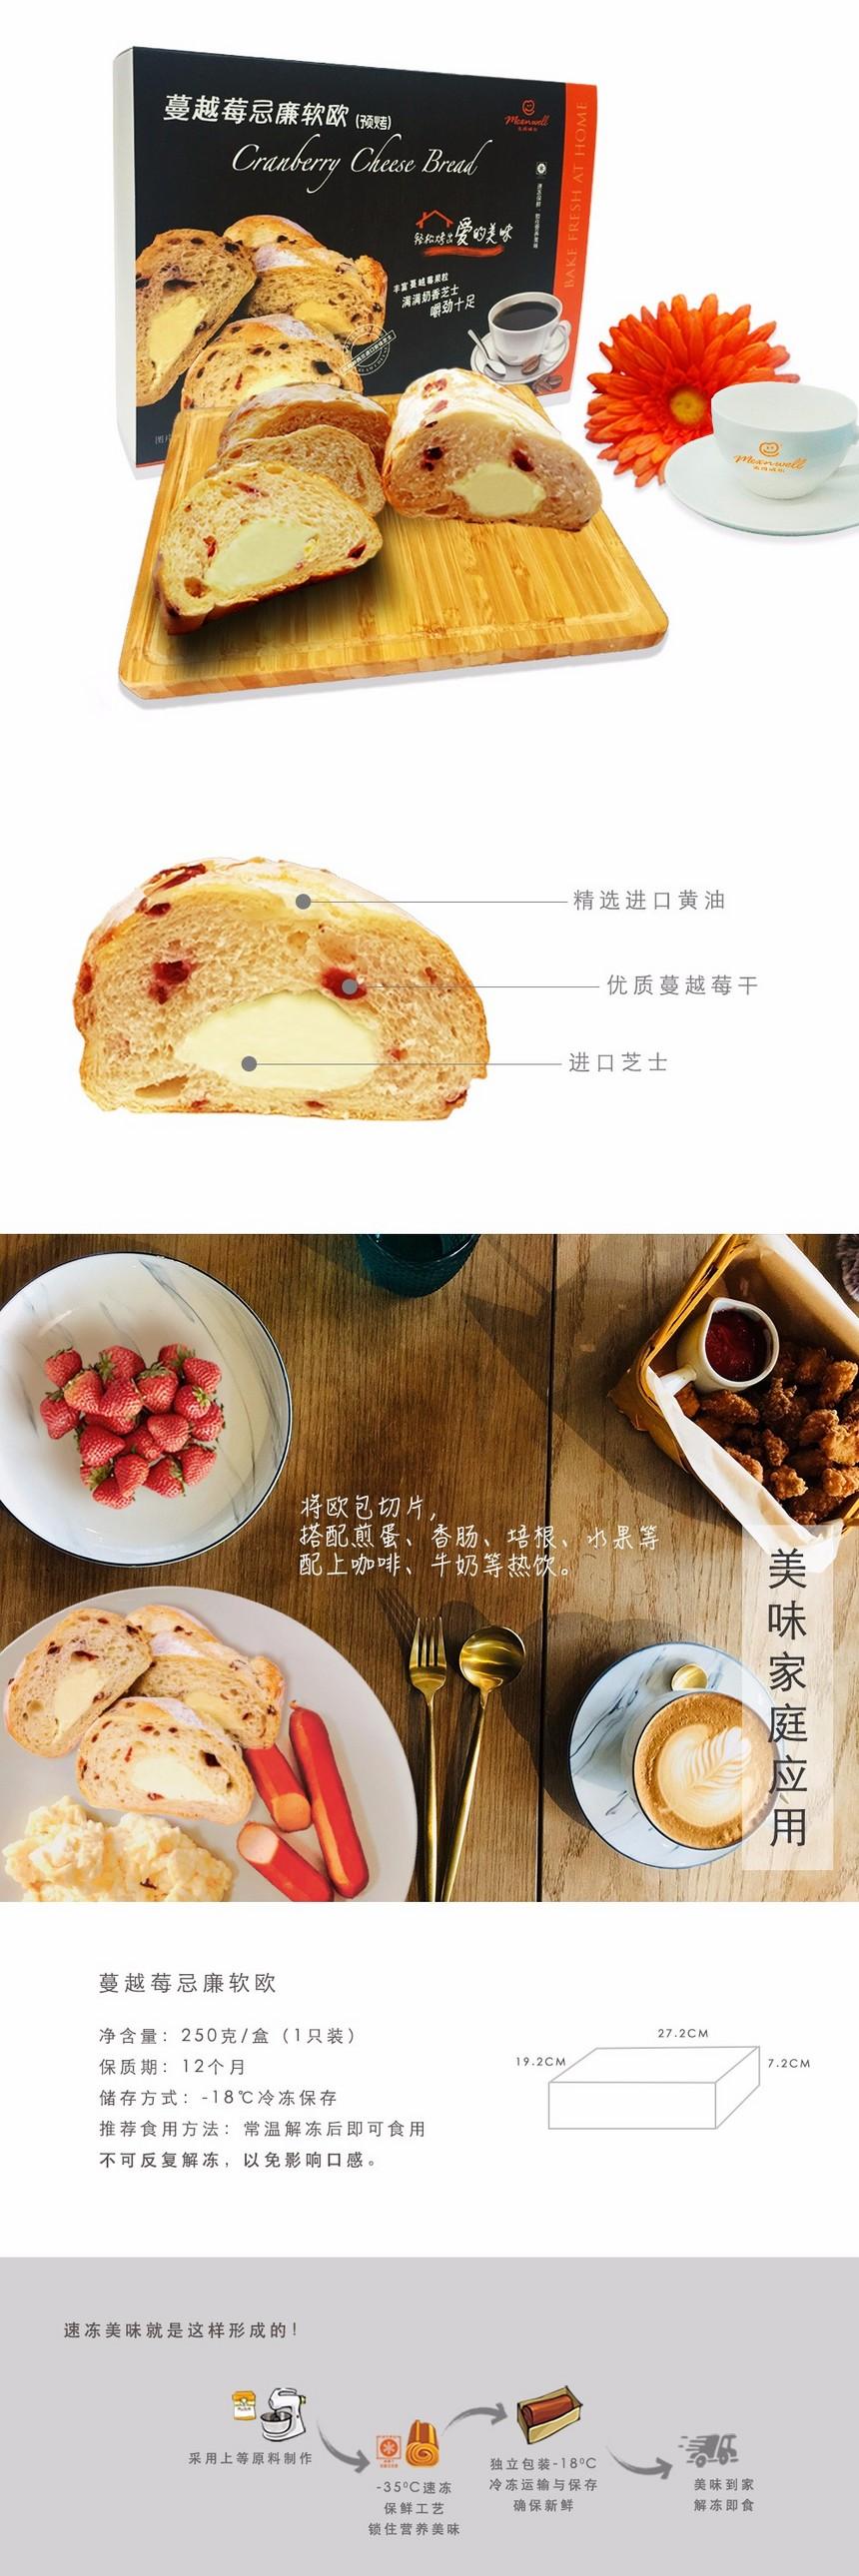 蔓越莓忌廉软欧详情页-修改芝士.jpg